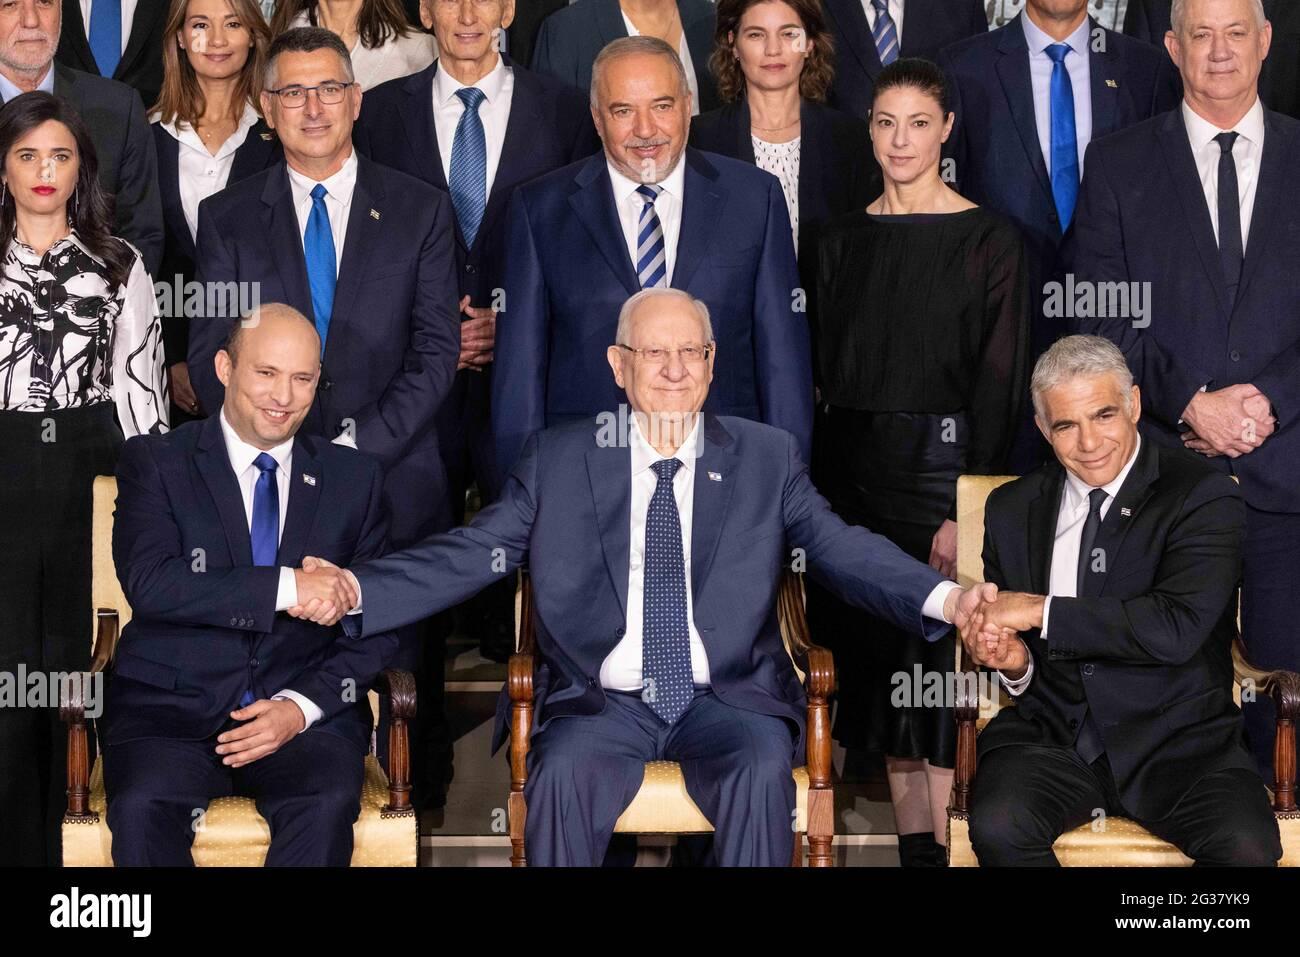 (210614) -- GERUSALEMME, 14 giugno 2021 (Xinhua) -- Il nuovo primo ministro israeliano Naftali Bennett (L, prima fila), il presidente israeliano Reuven Rivlin (C, prima fila) e il primo ministro e ministro degli Esteri alternativo Yair Lapid (R, prima fila) propongono una foto di gruppo con i nuovi ministri del governo nella residenza del presidente a Gerusalemme, 14 giugno 2021. (JINI via Xinhua) Foto Stock